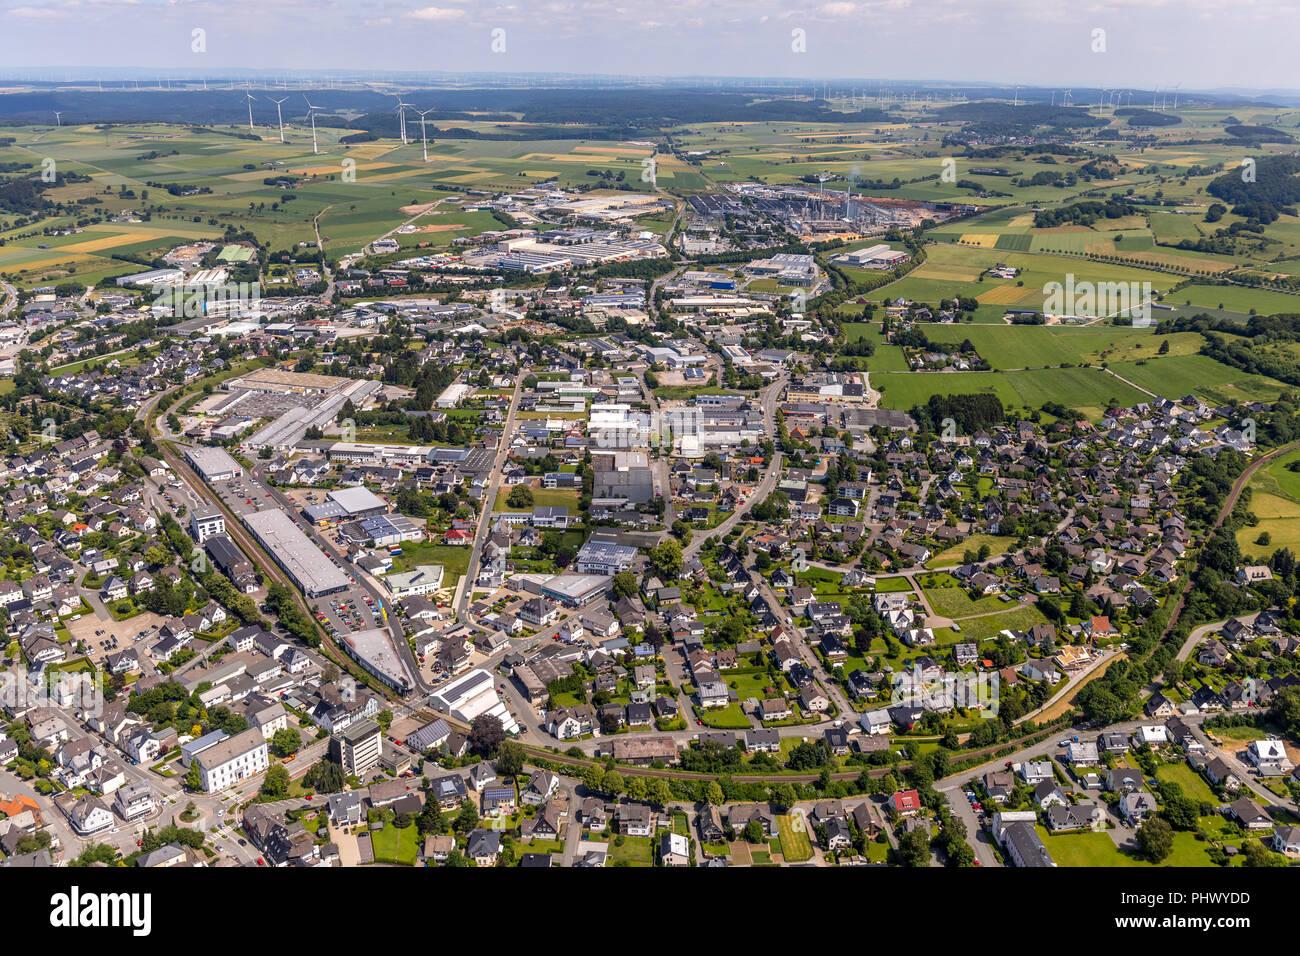 Brilon-Mitte östlicher Teil, Brilon, Sauerland, Nordrhein-Westfalen, Deutschland, DEU, Europa, Luftbild, birds-eyes view, Luftaufnahme, Luftbildfotogr - Stock Image